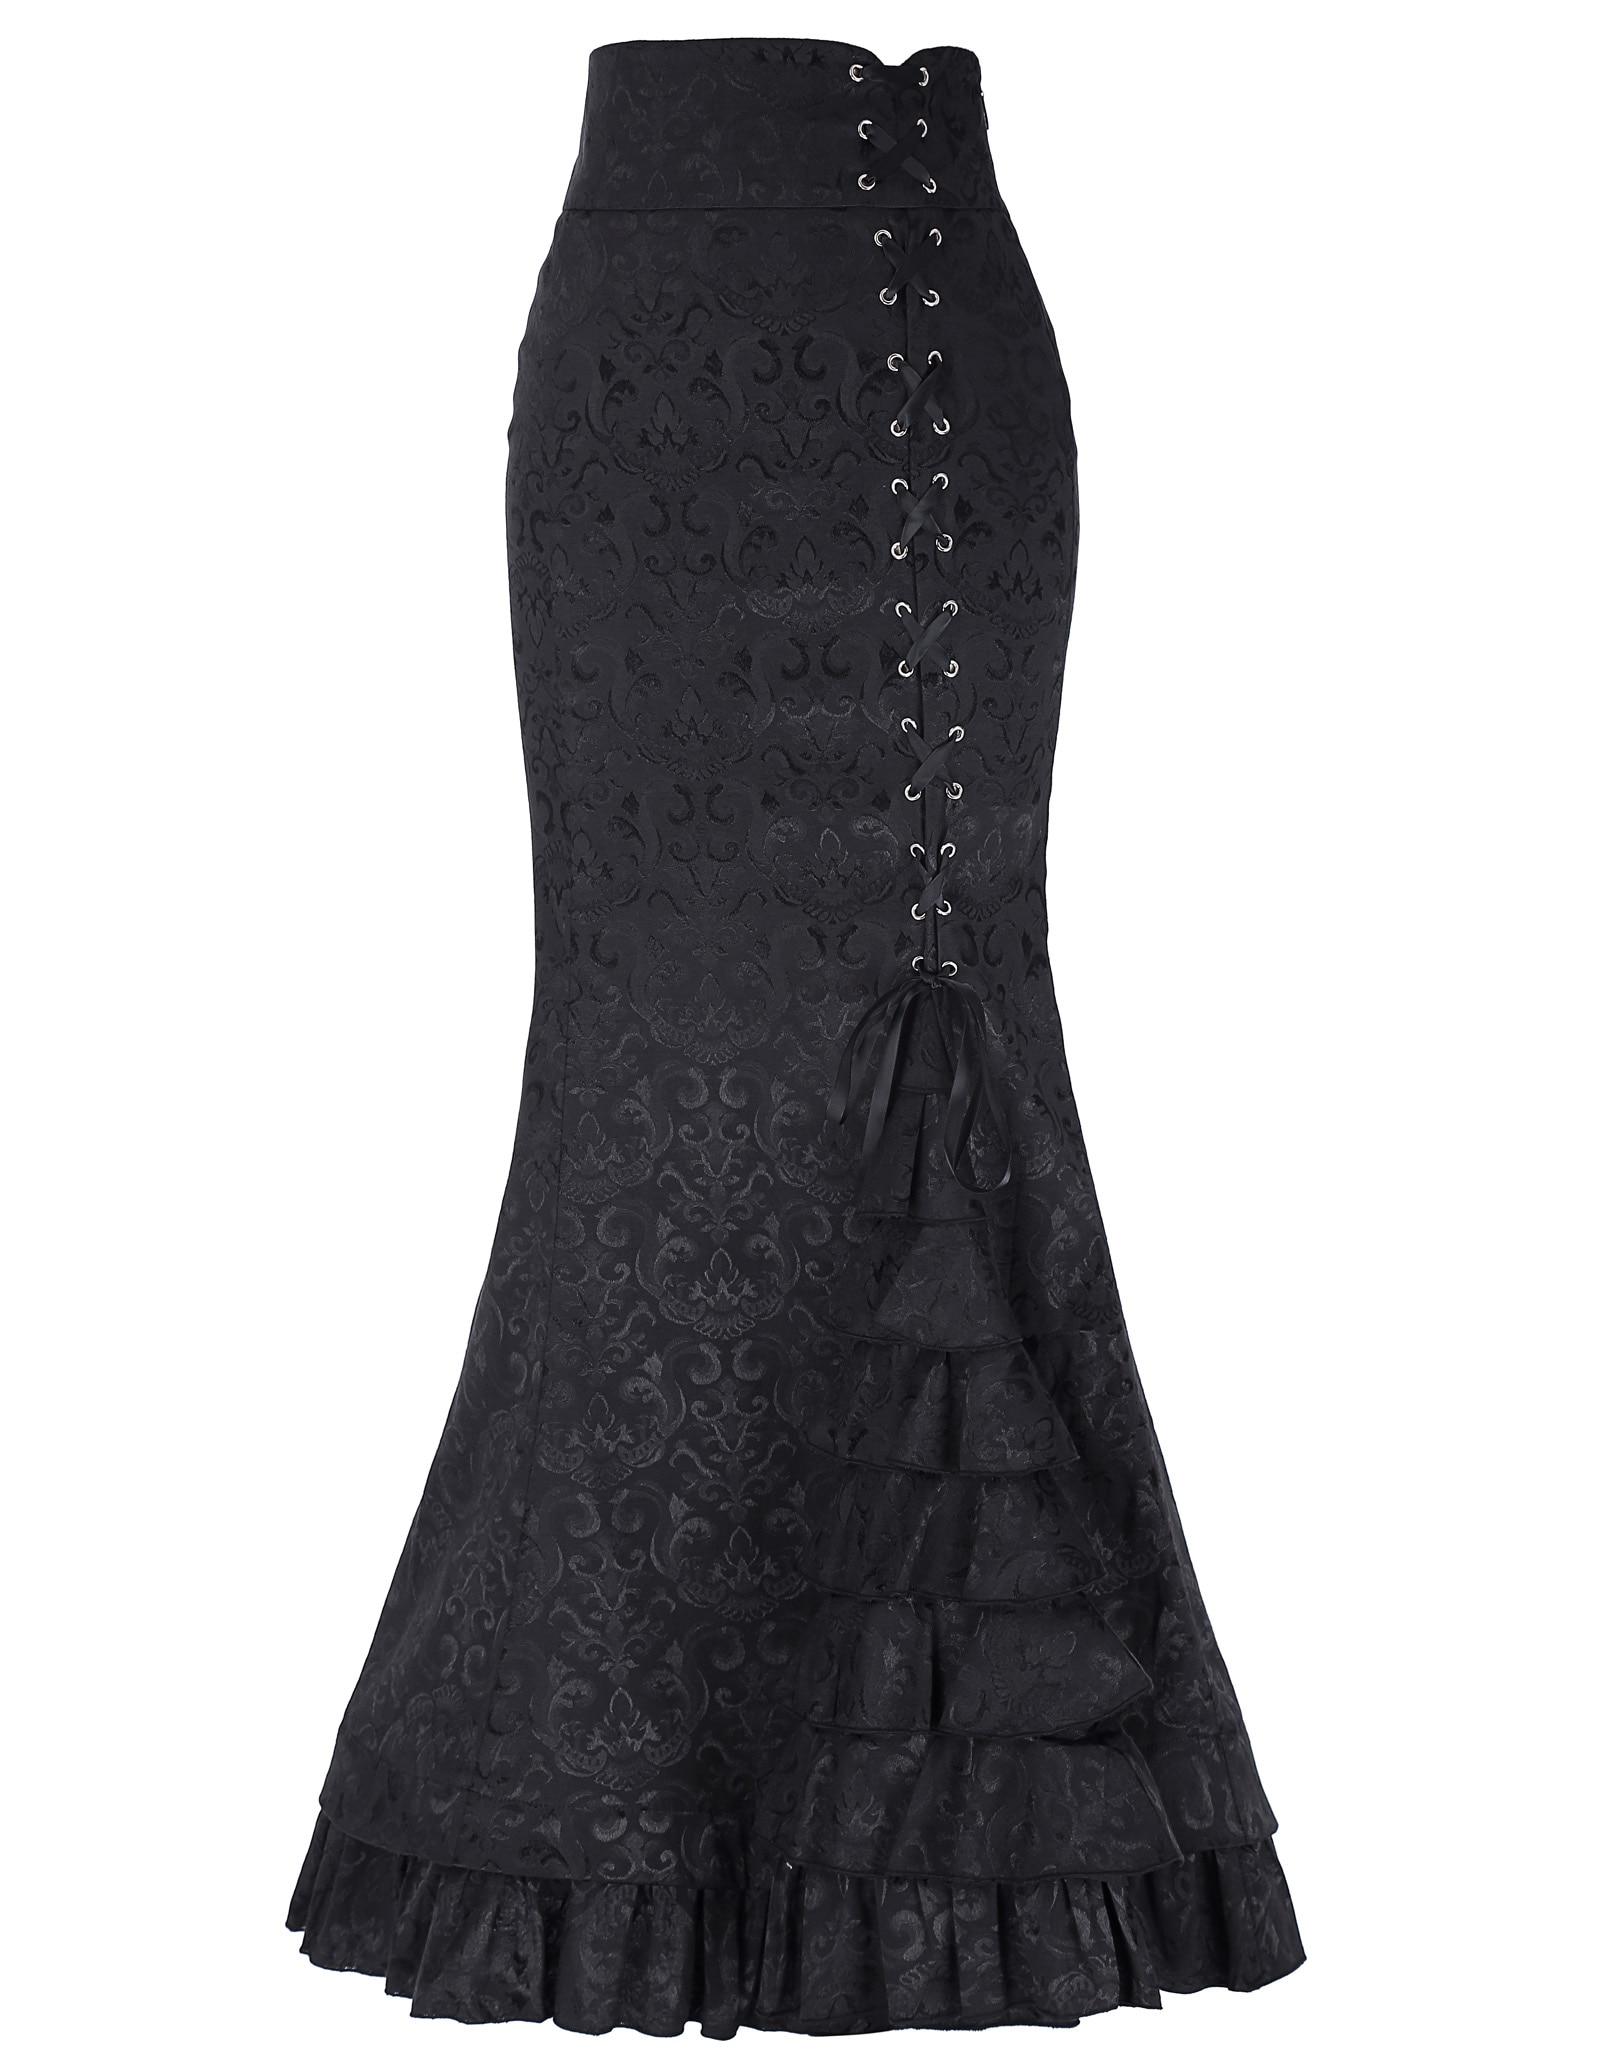 Estilo Maxi Vintage black Moda De Victoriano Retro purple Sirena red Blue Vestido Las Con Elegante Volantes Cola Mujeres Eton n7YxxfCq